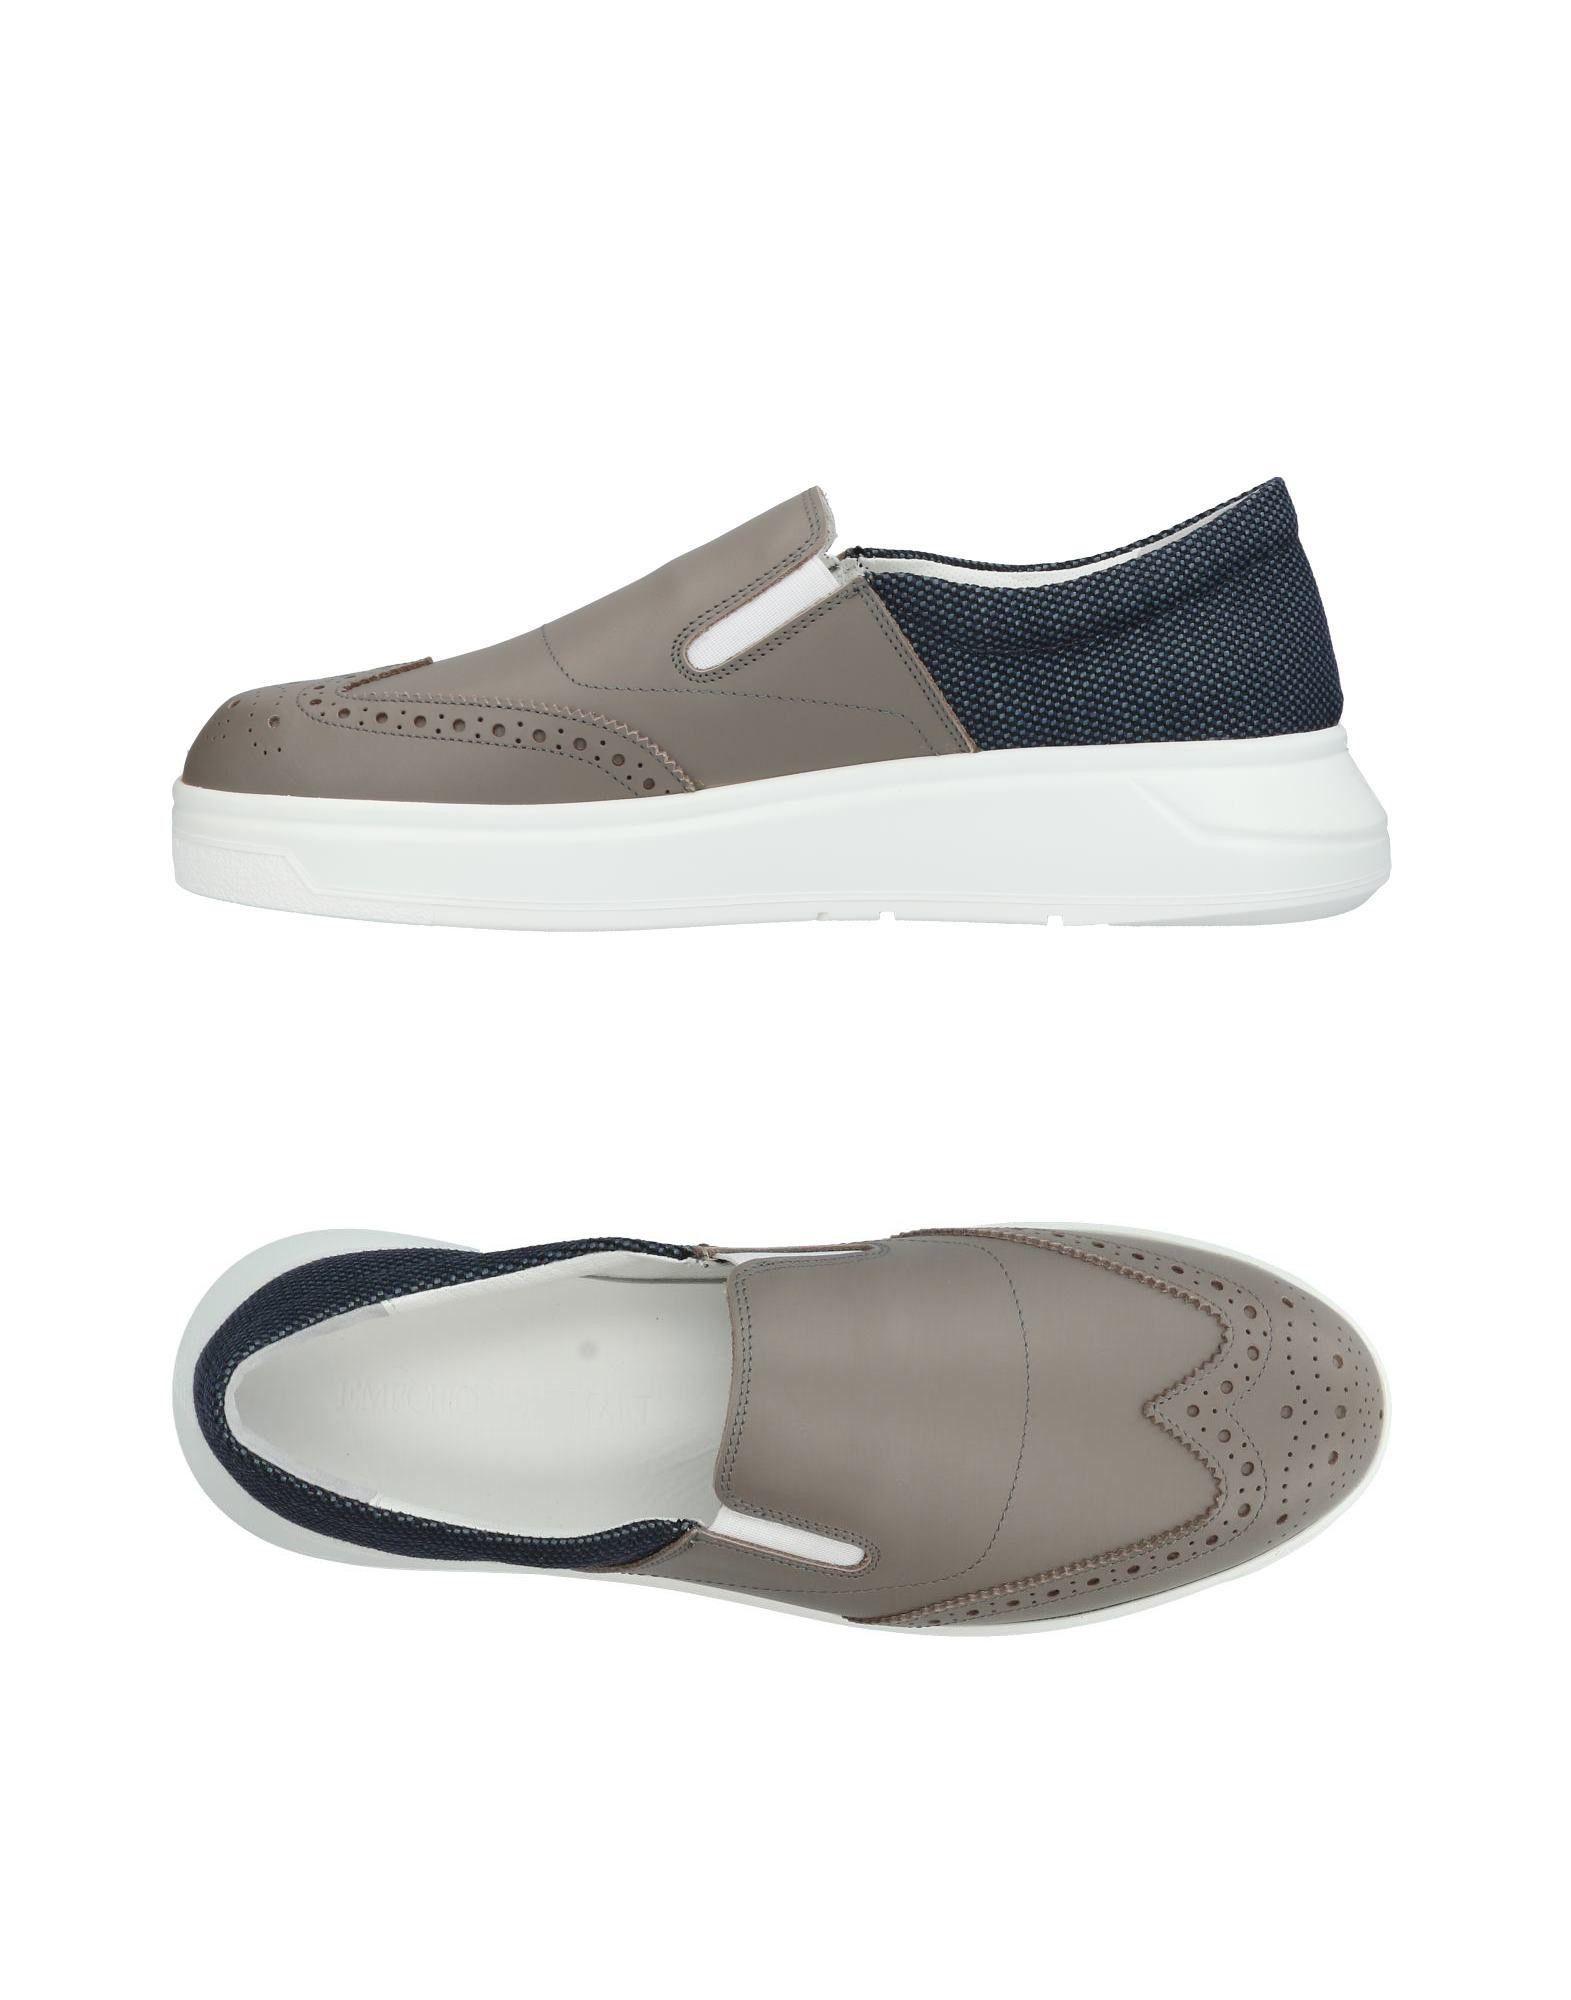 EMPORIO ARMANI メンズ スニーカー&テニスシューズ(ローカット) 鉛色 6 革 / 紡績繊維